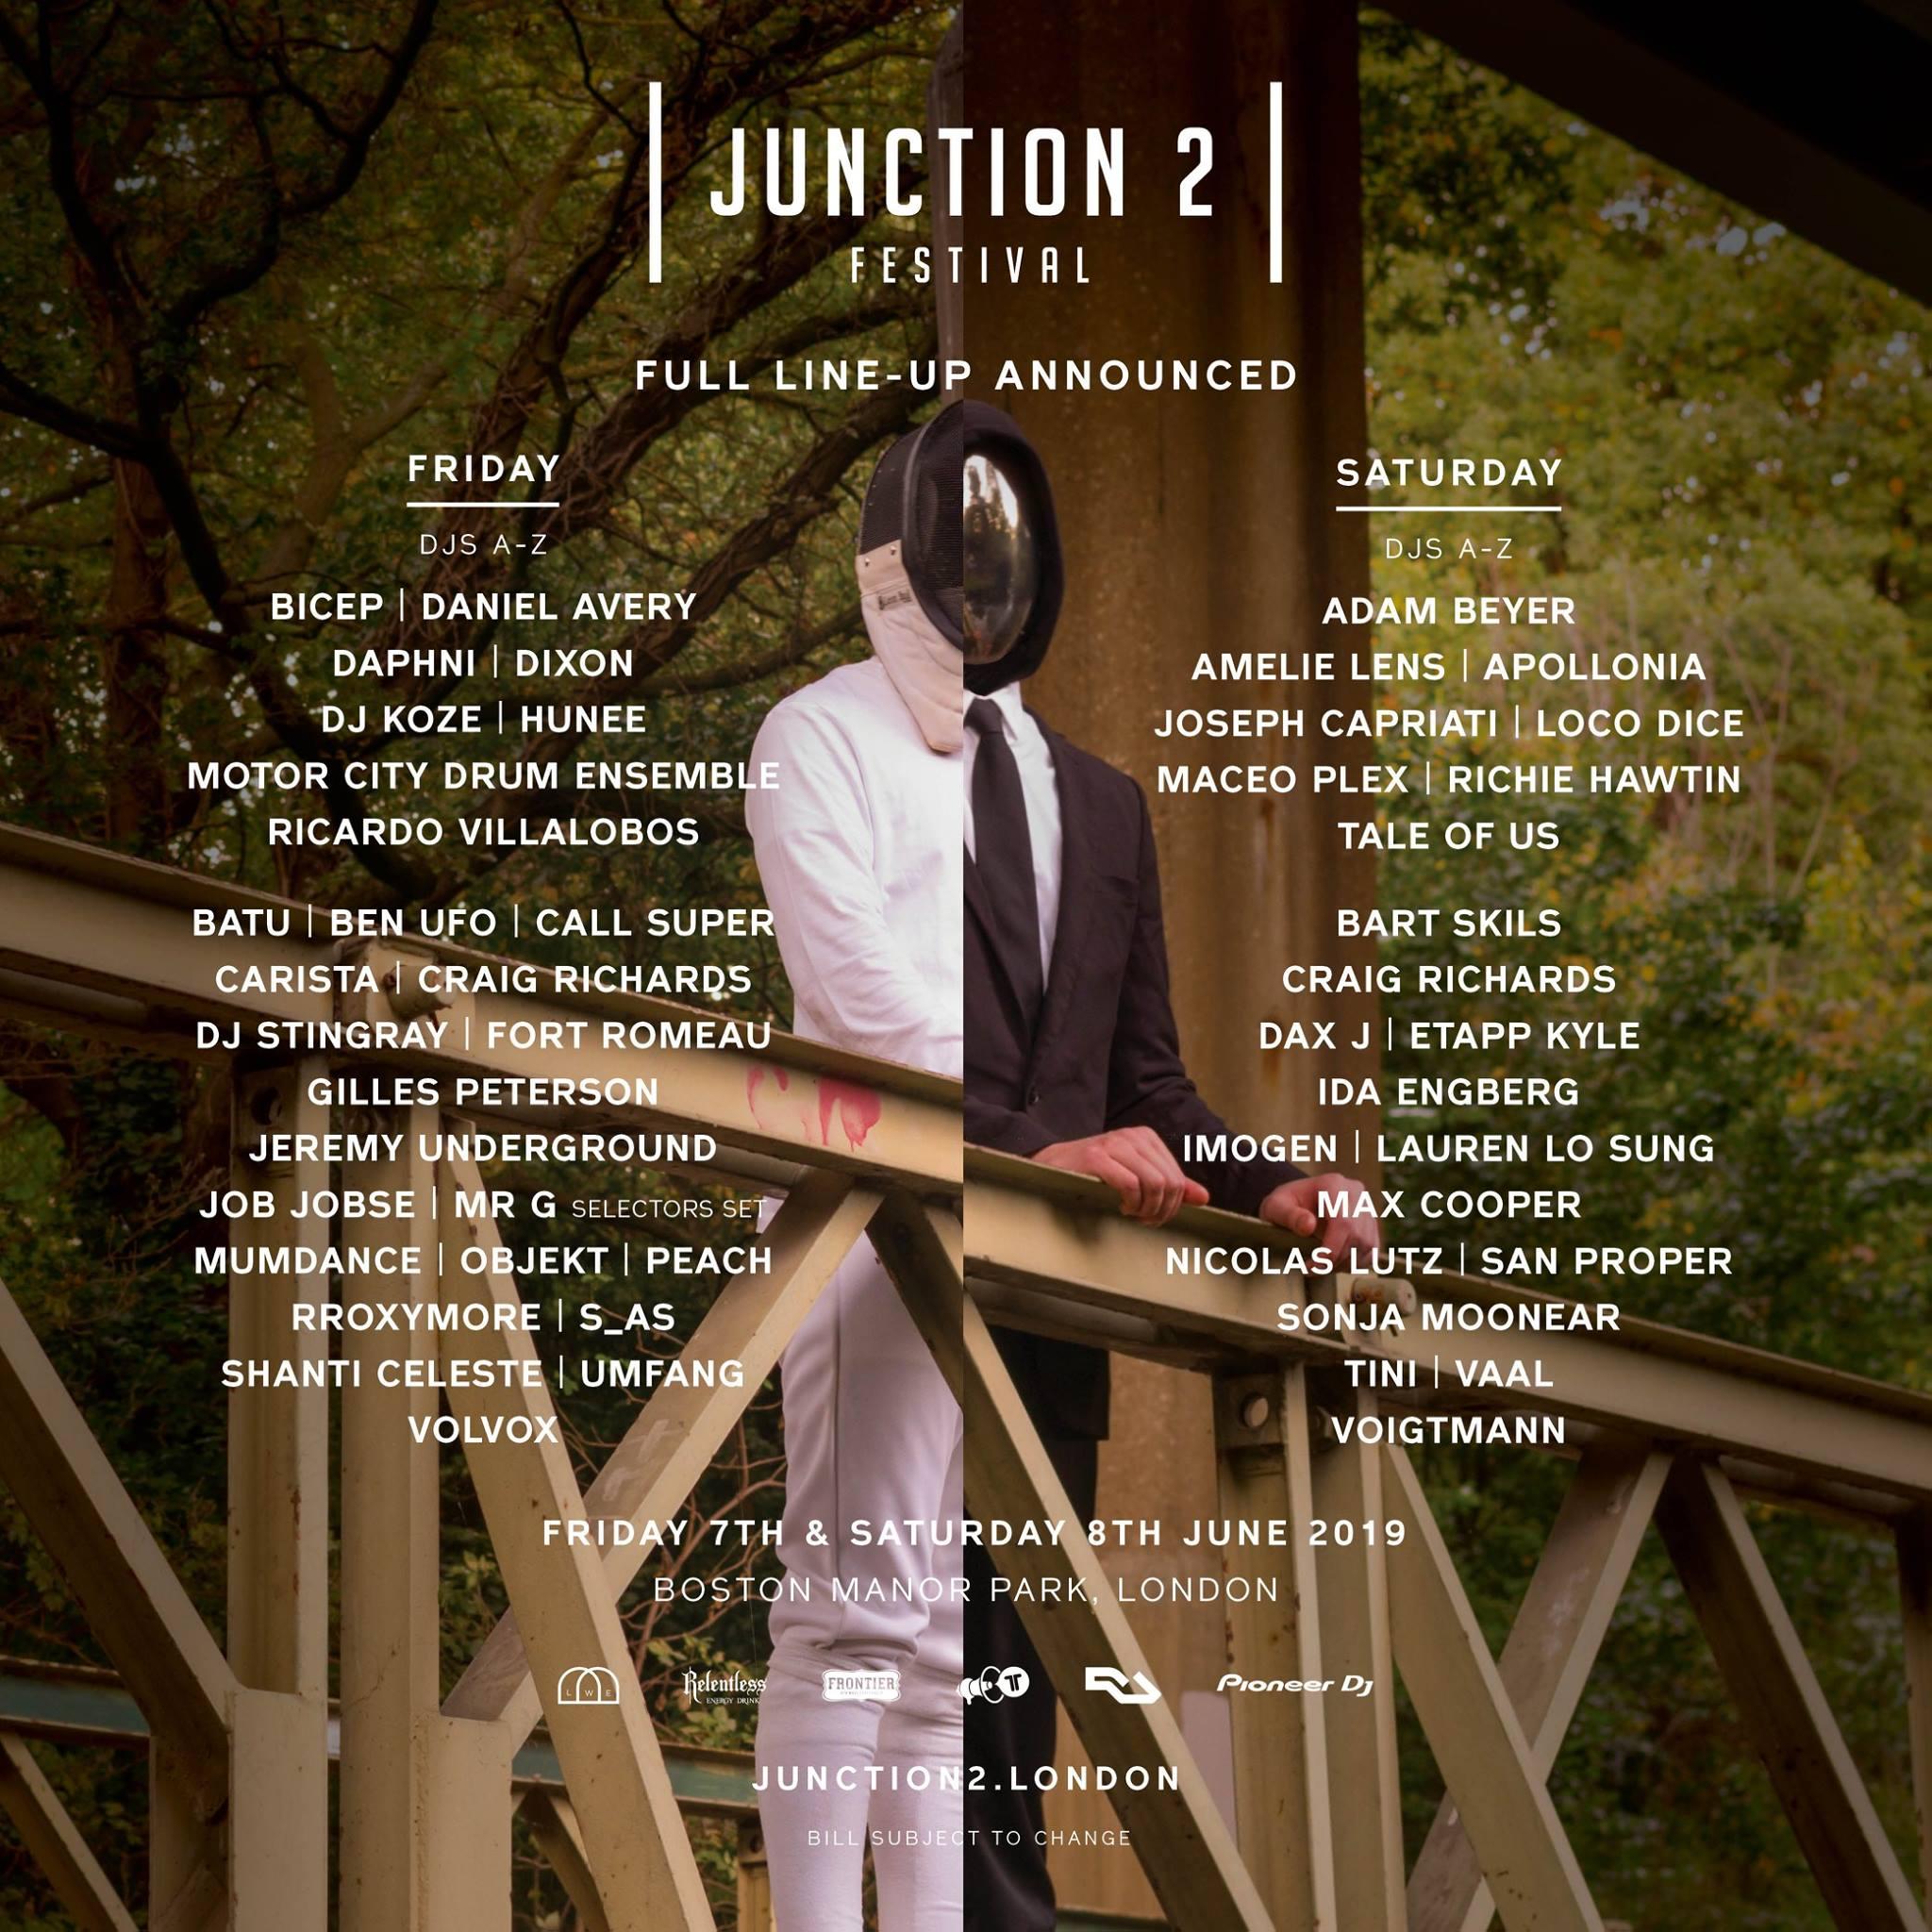 Full lineup announced for Junction 2 Festival 2019...